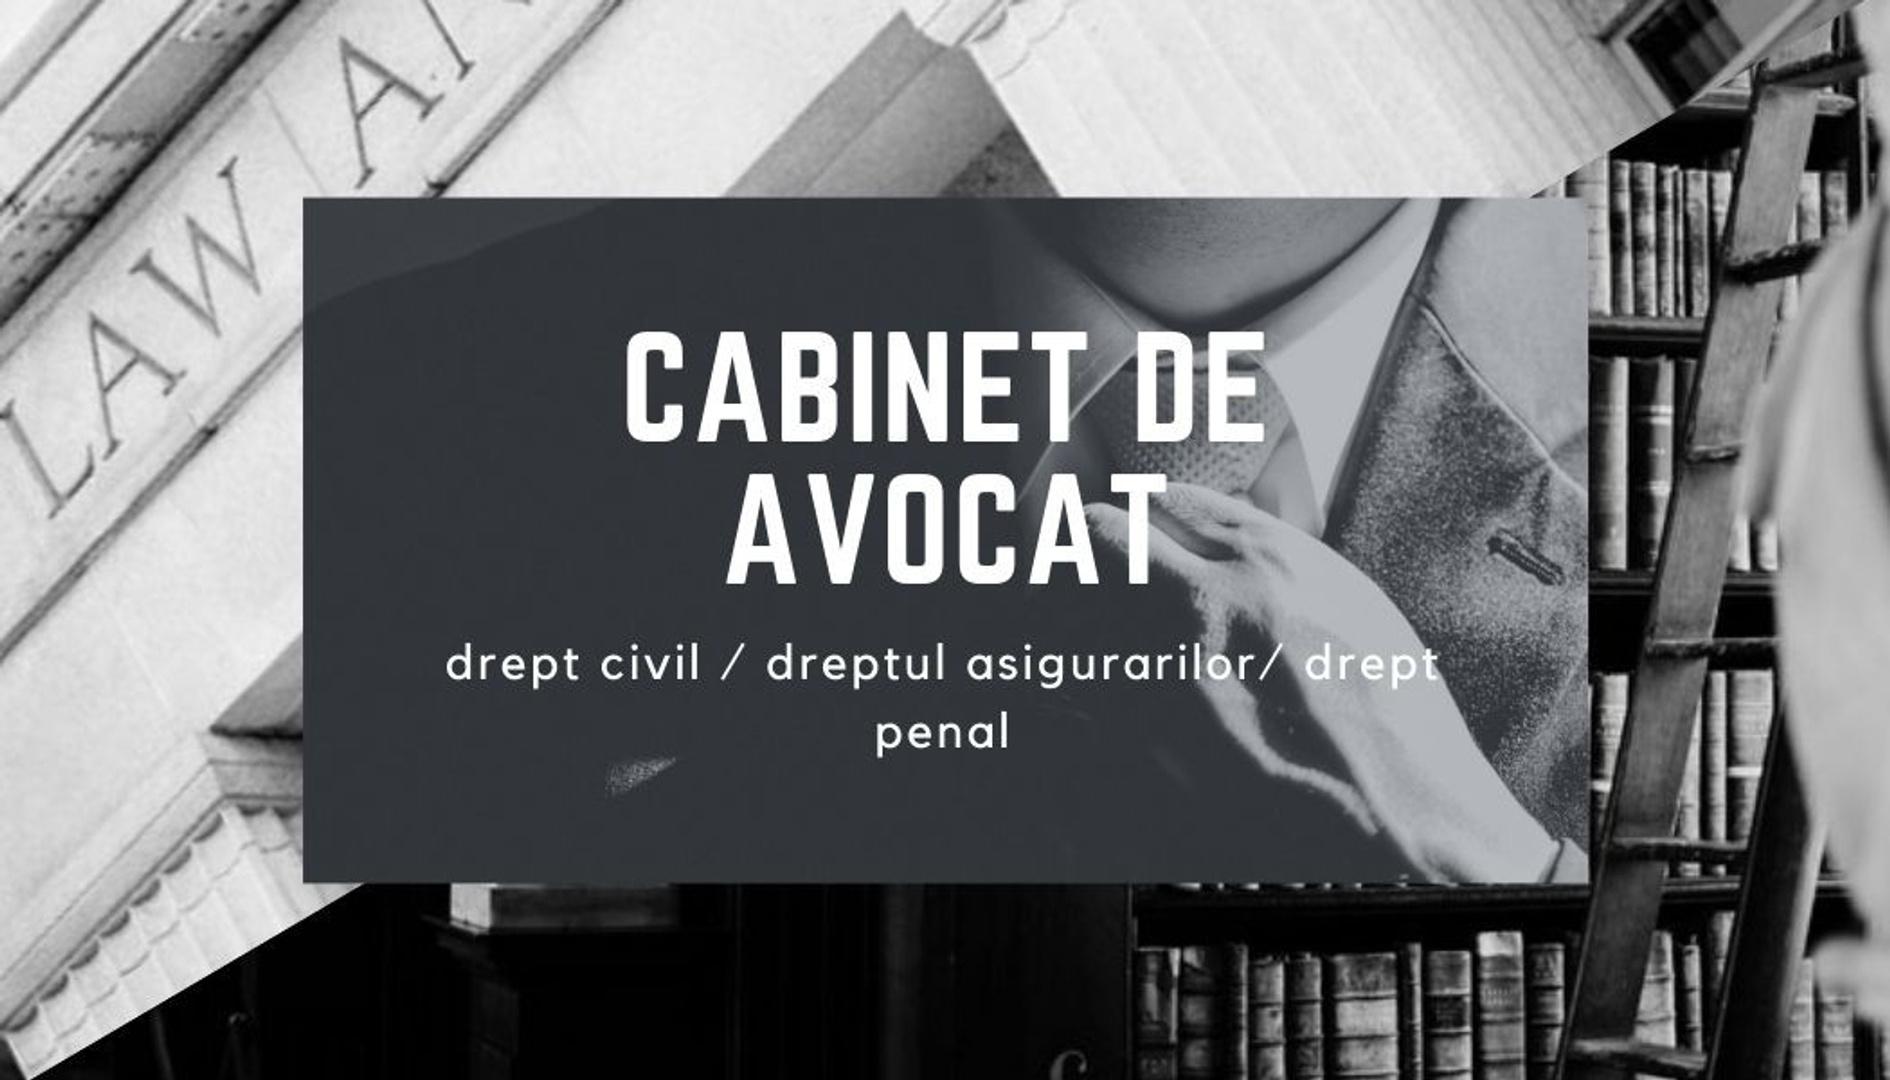 cabinet de avocat